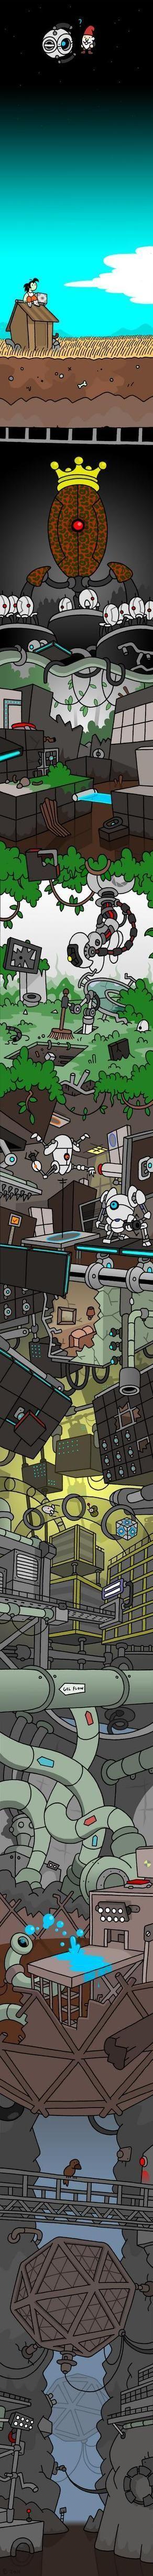 Videospiele Portal 2 Wheatley Genial Zeichnungen Kunstportal Der Himmel Videospiele Gamer Mädchen Das Ist Fantastisch Cooles Zeug Virtuelle Welten